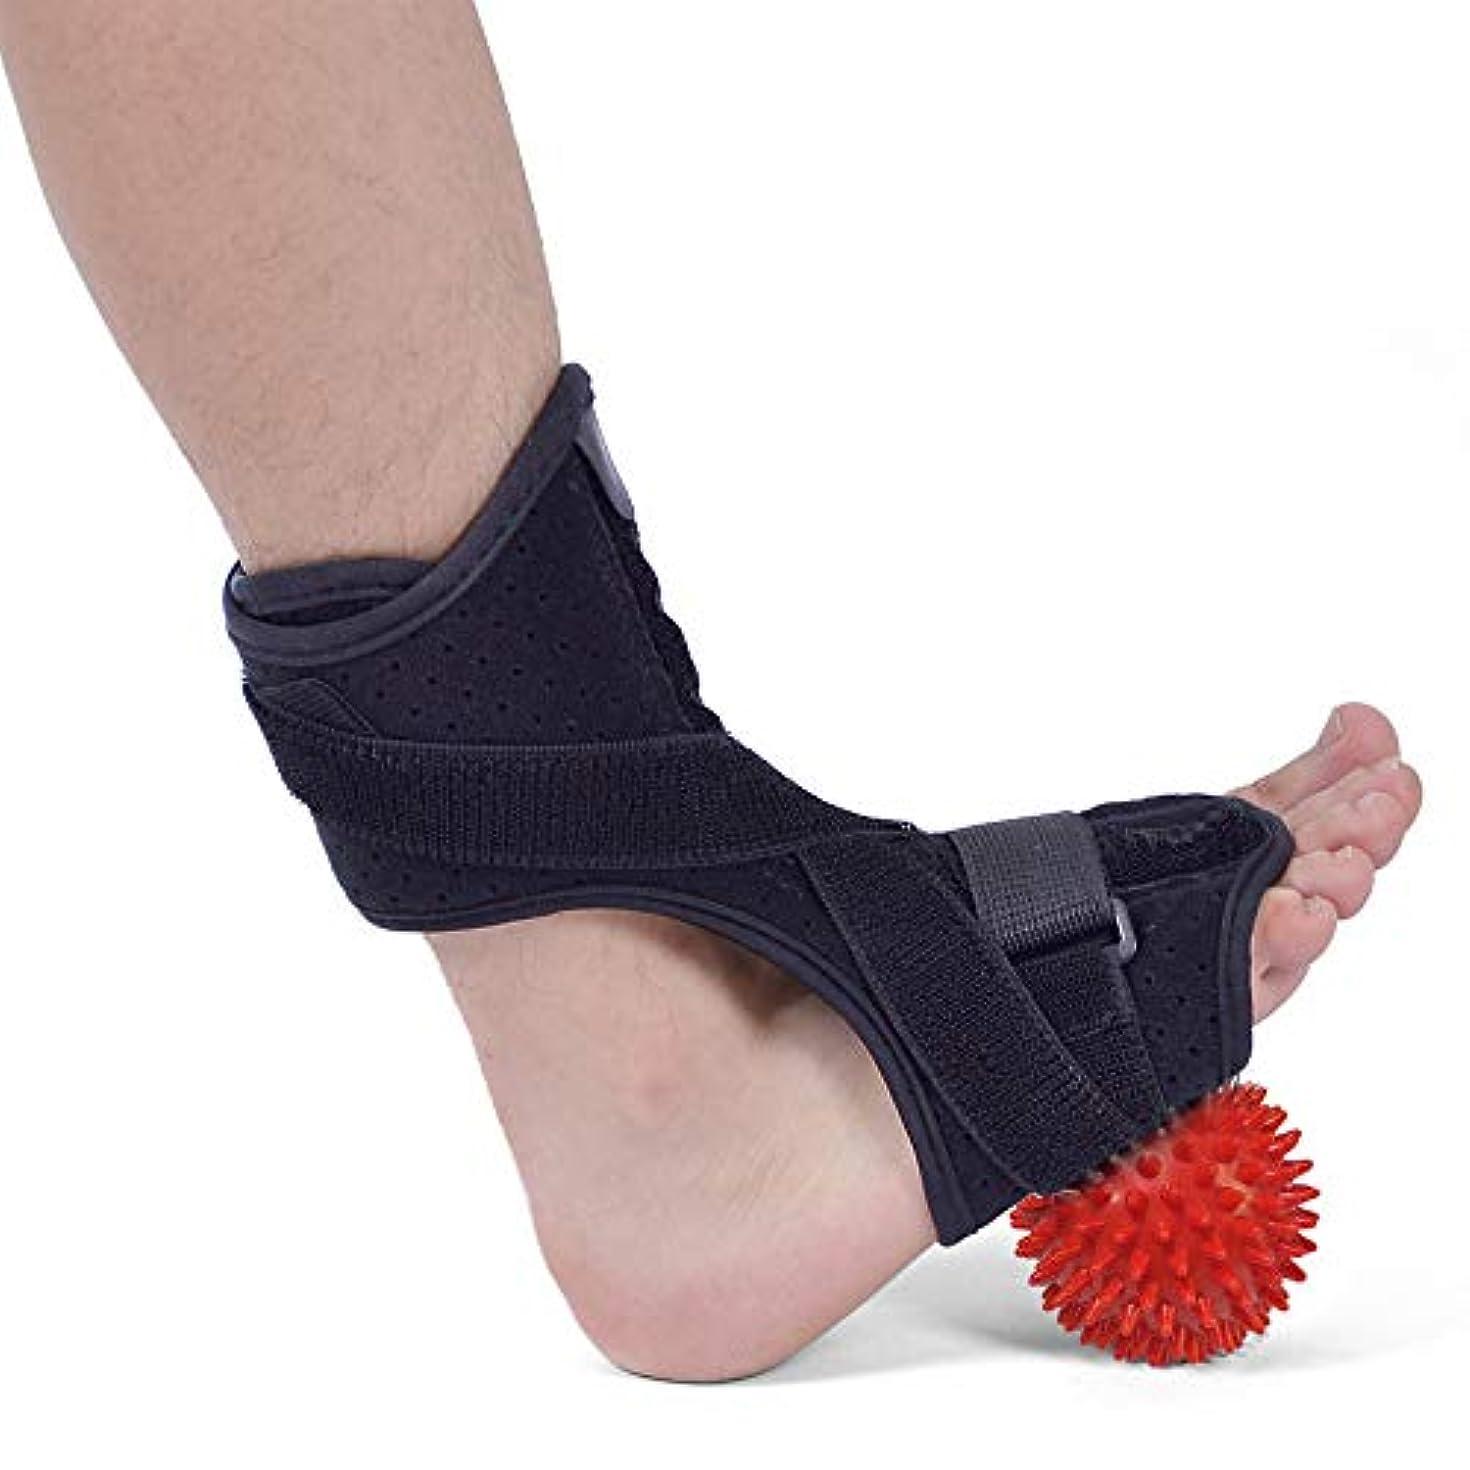 知覚的株式会社トレイ整形外科の調節可能な足包帯足底筋膜炎夜圧力包帯膝関節保護足首捻挫固定1ピース